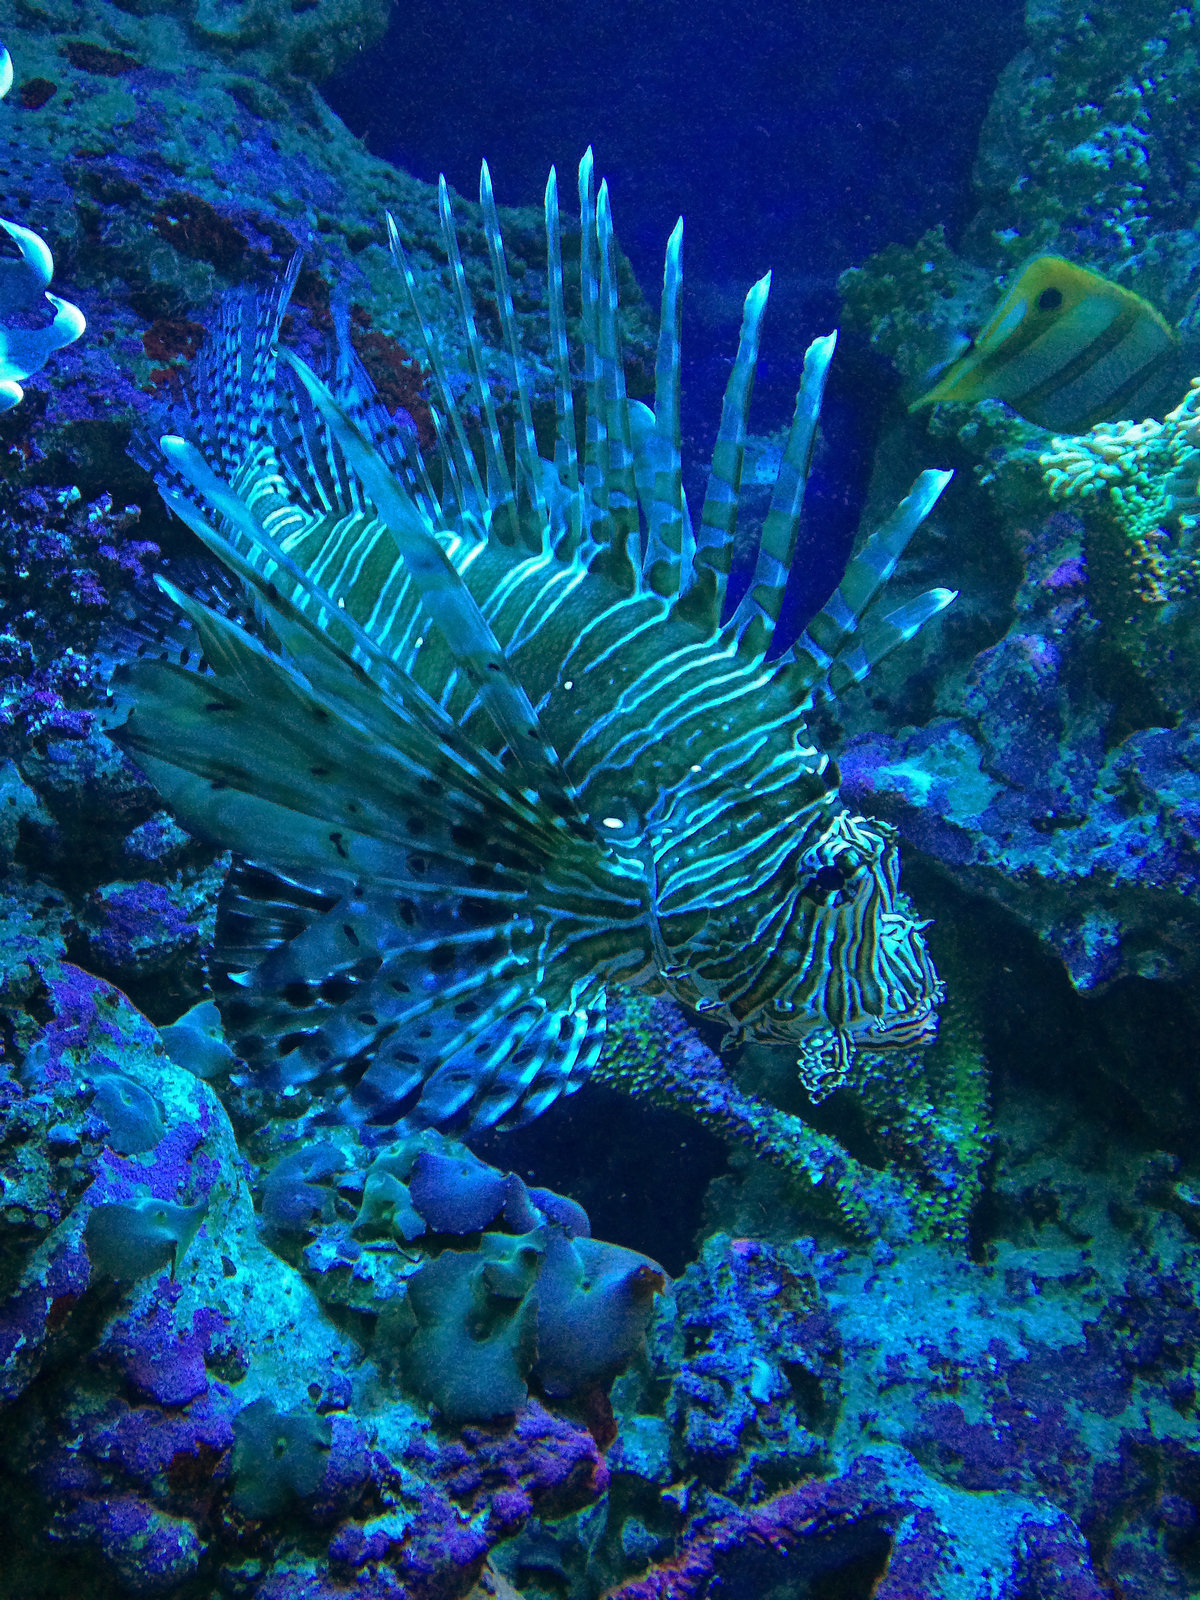 широкоформатные фото новые подводного мира чего